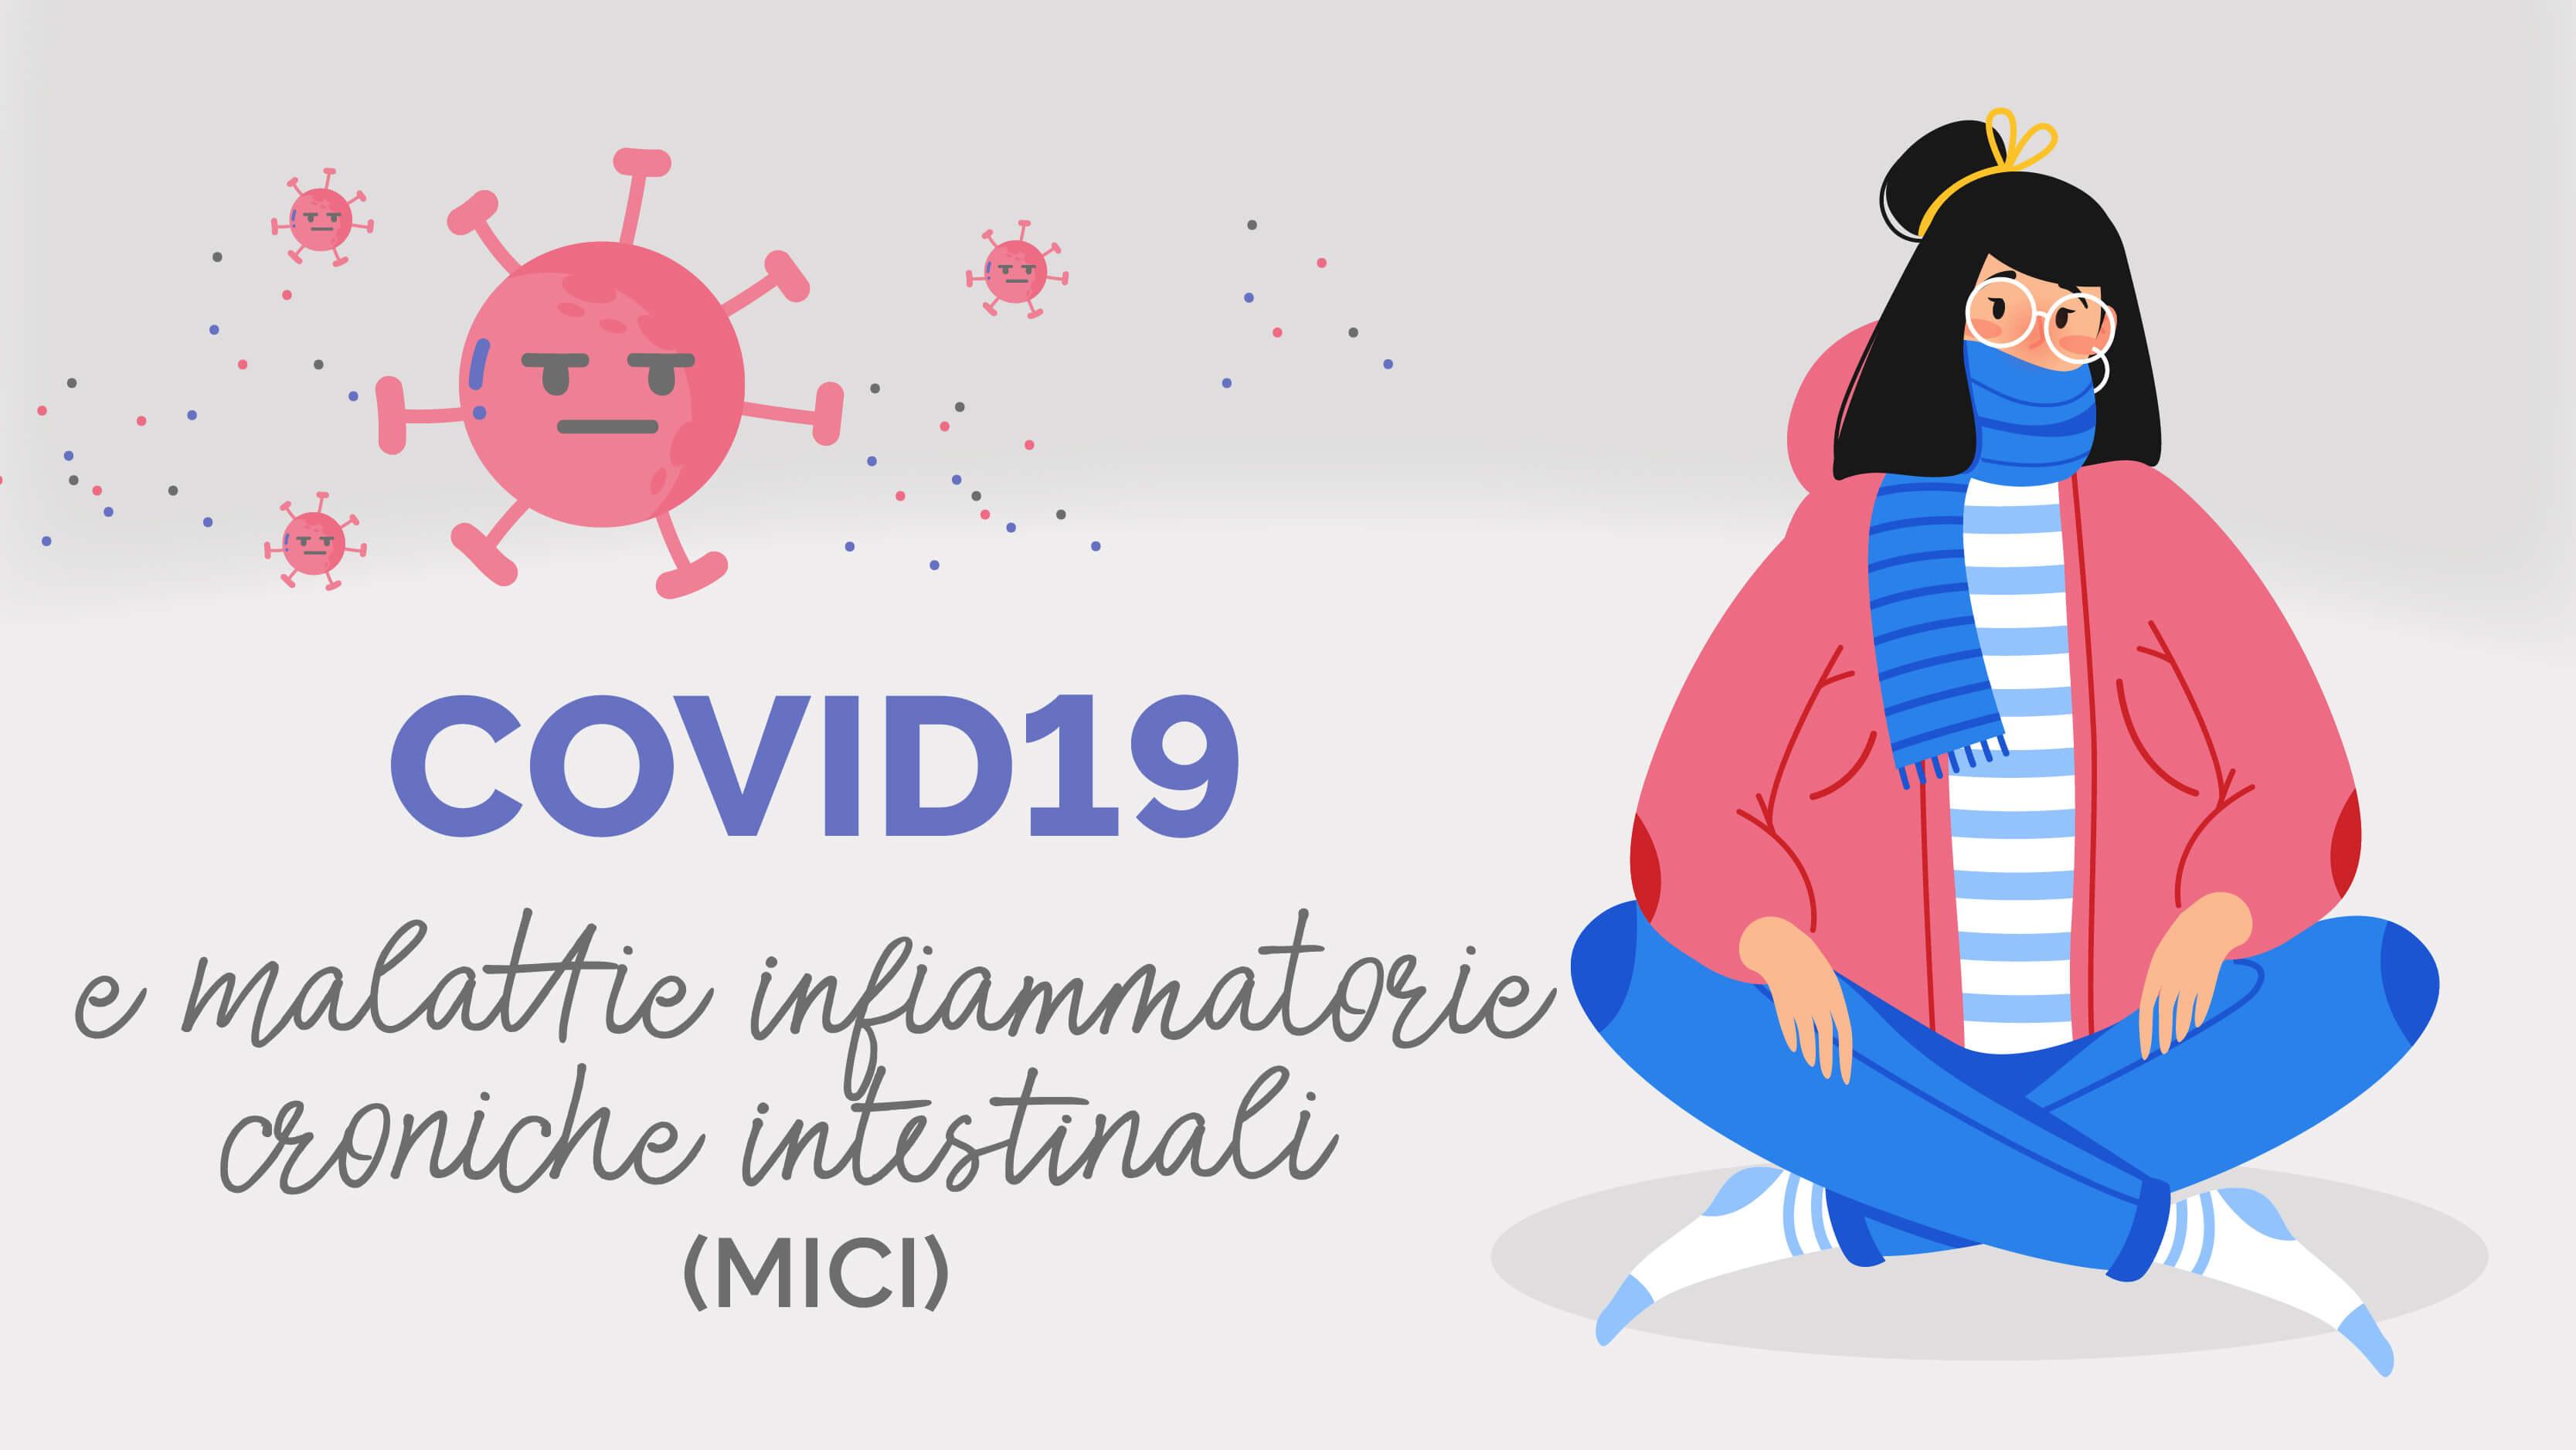 covid 19 - malattie infiammatorie intestinali